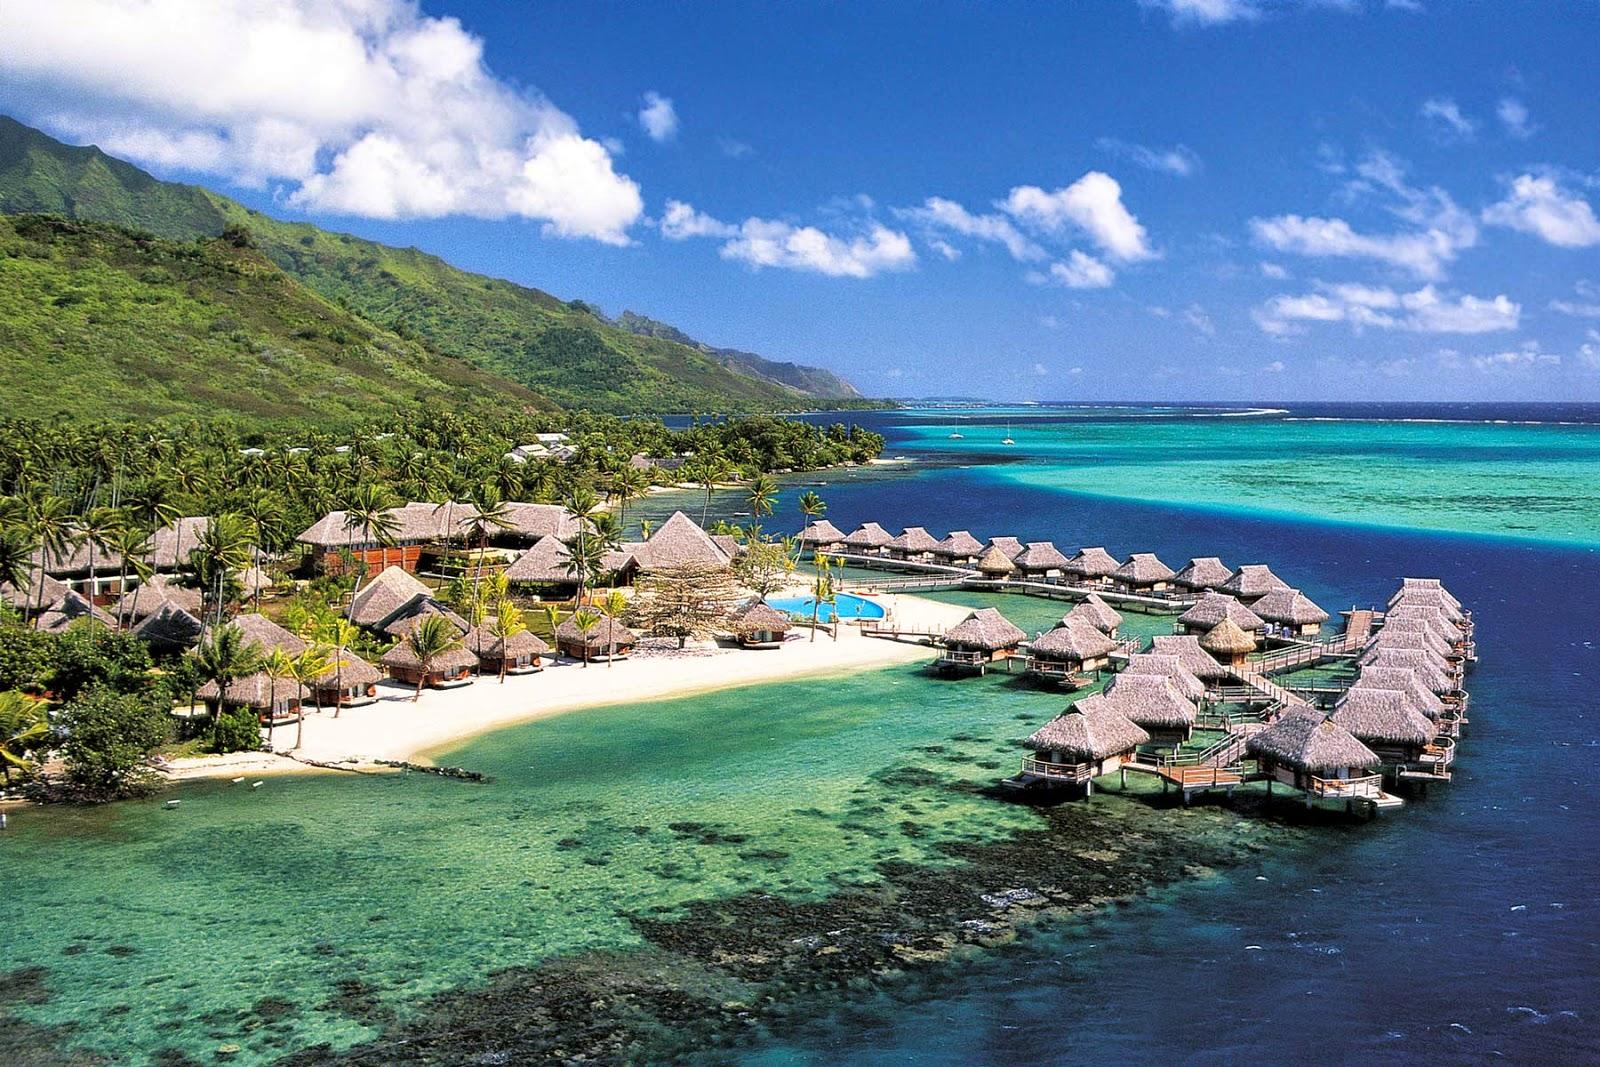 أحد شواطئ جزيرة لومبوك